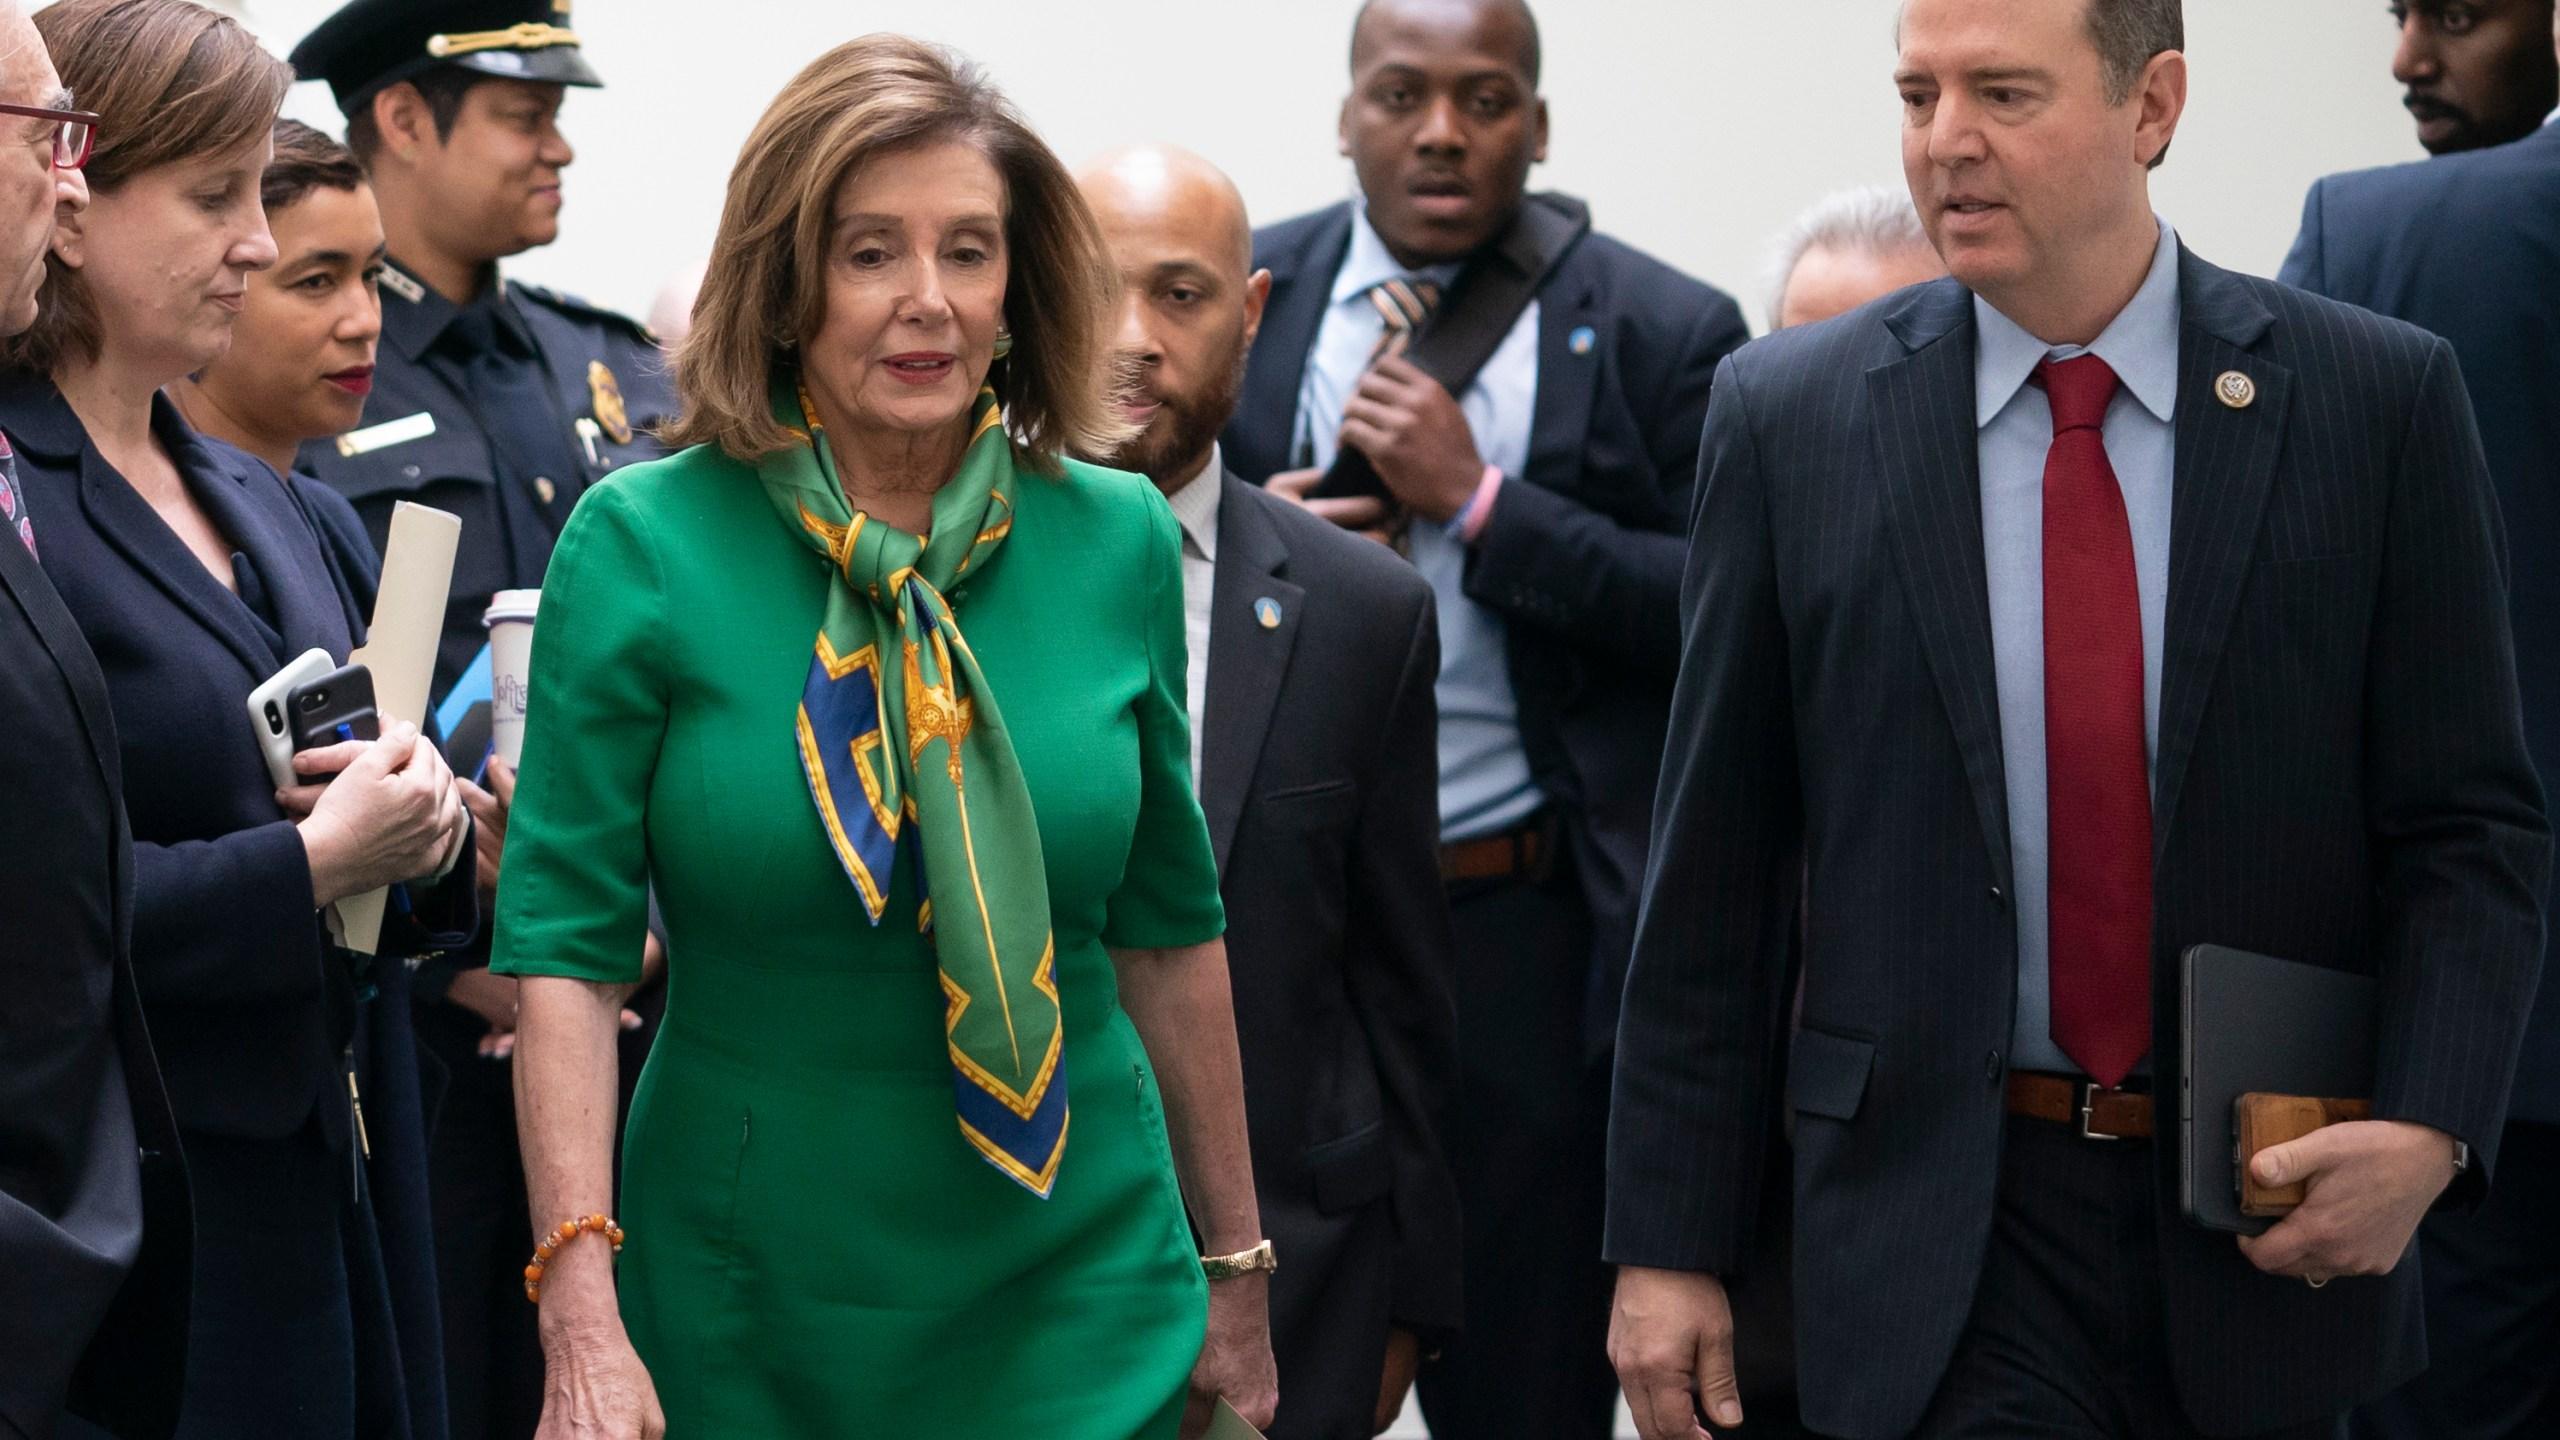 Nancy Pelosi, Adam Schiff